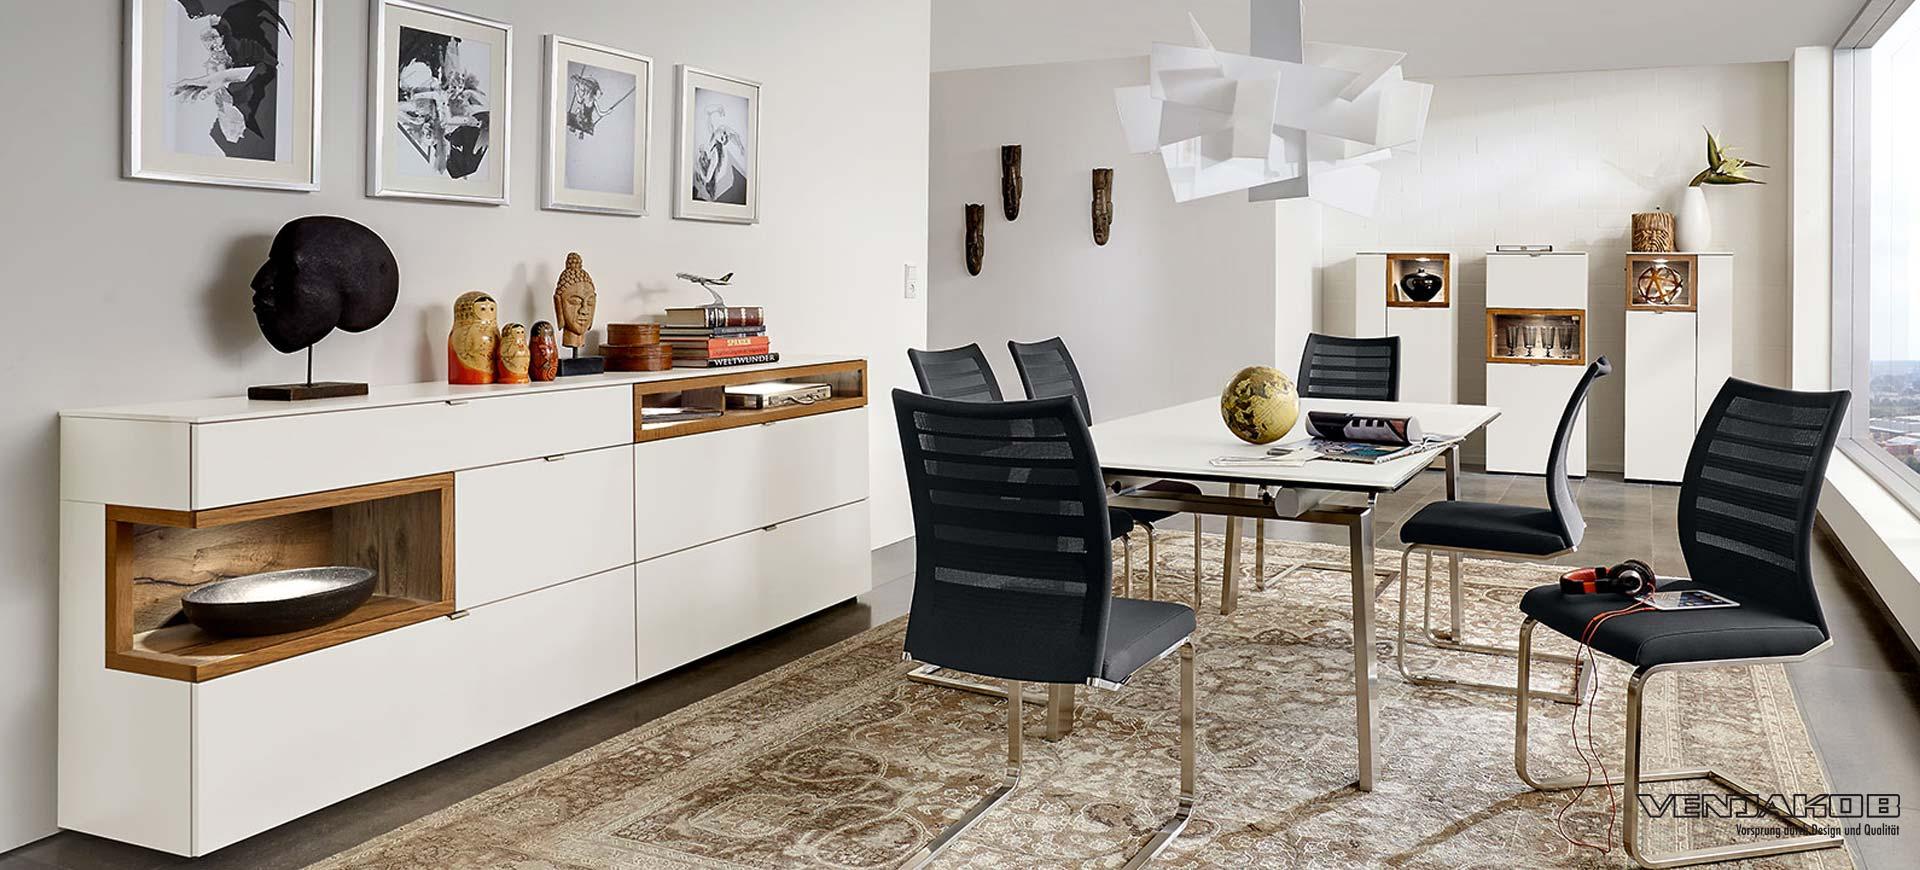 Möbelhäuser Bremen möbel u küchen reinecke möbel in delmenhorst nahe bremen